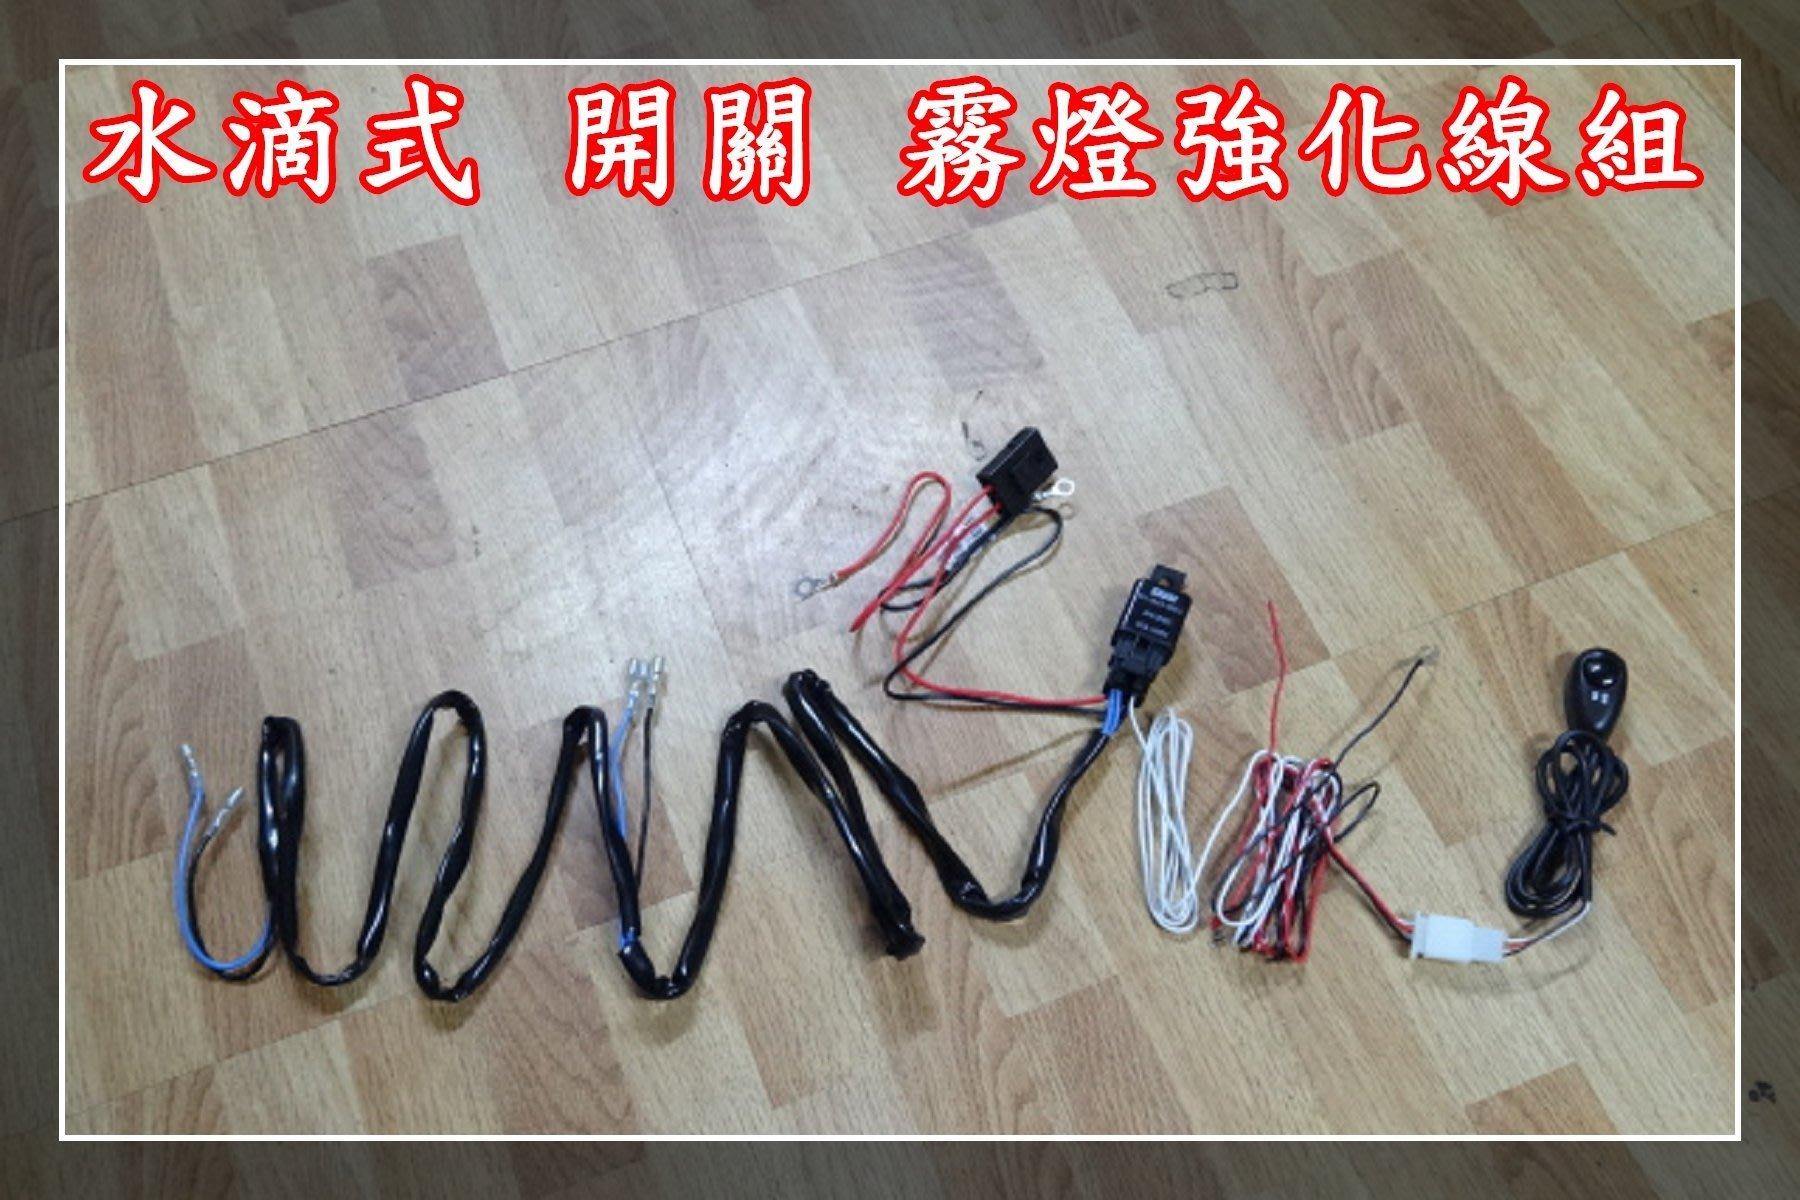 【炬霸科技】霧燈 開關 線組 水滴 式 強光 通用 型 H3 9006 H11 881 880 H8 H9 H16 強化